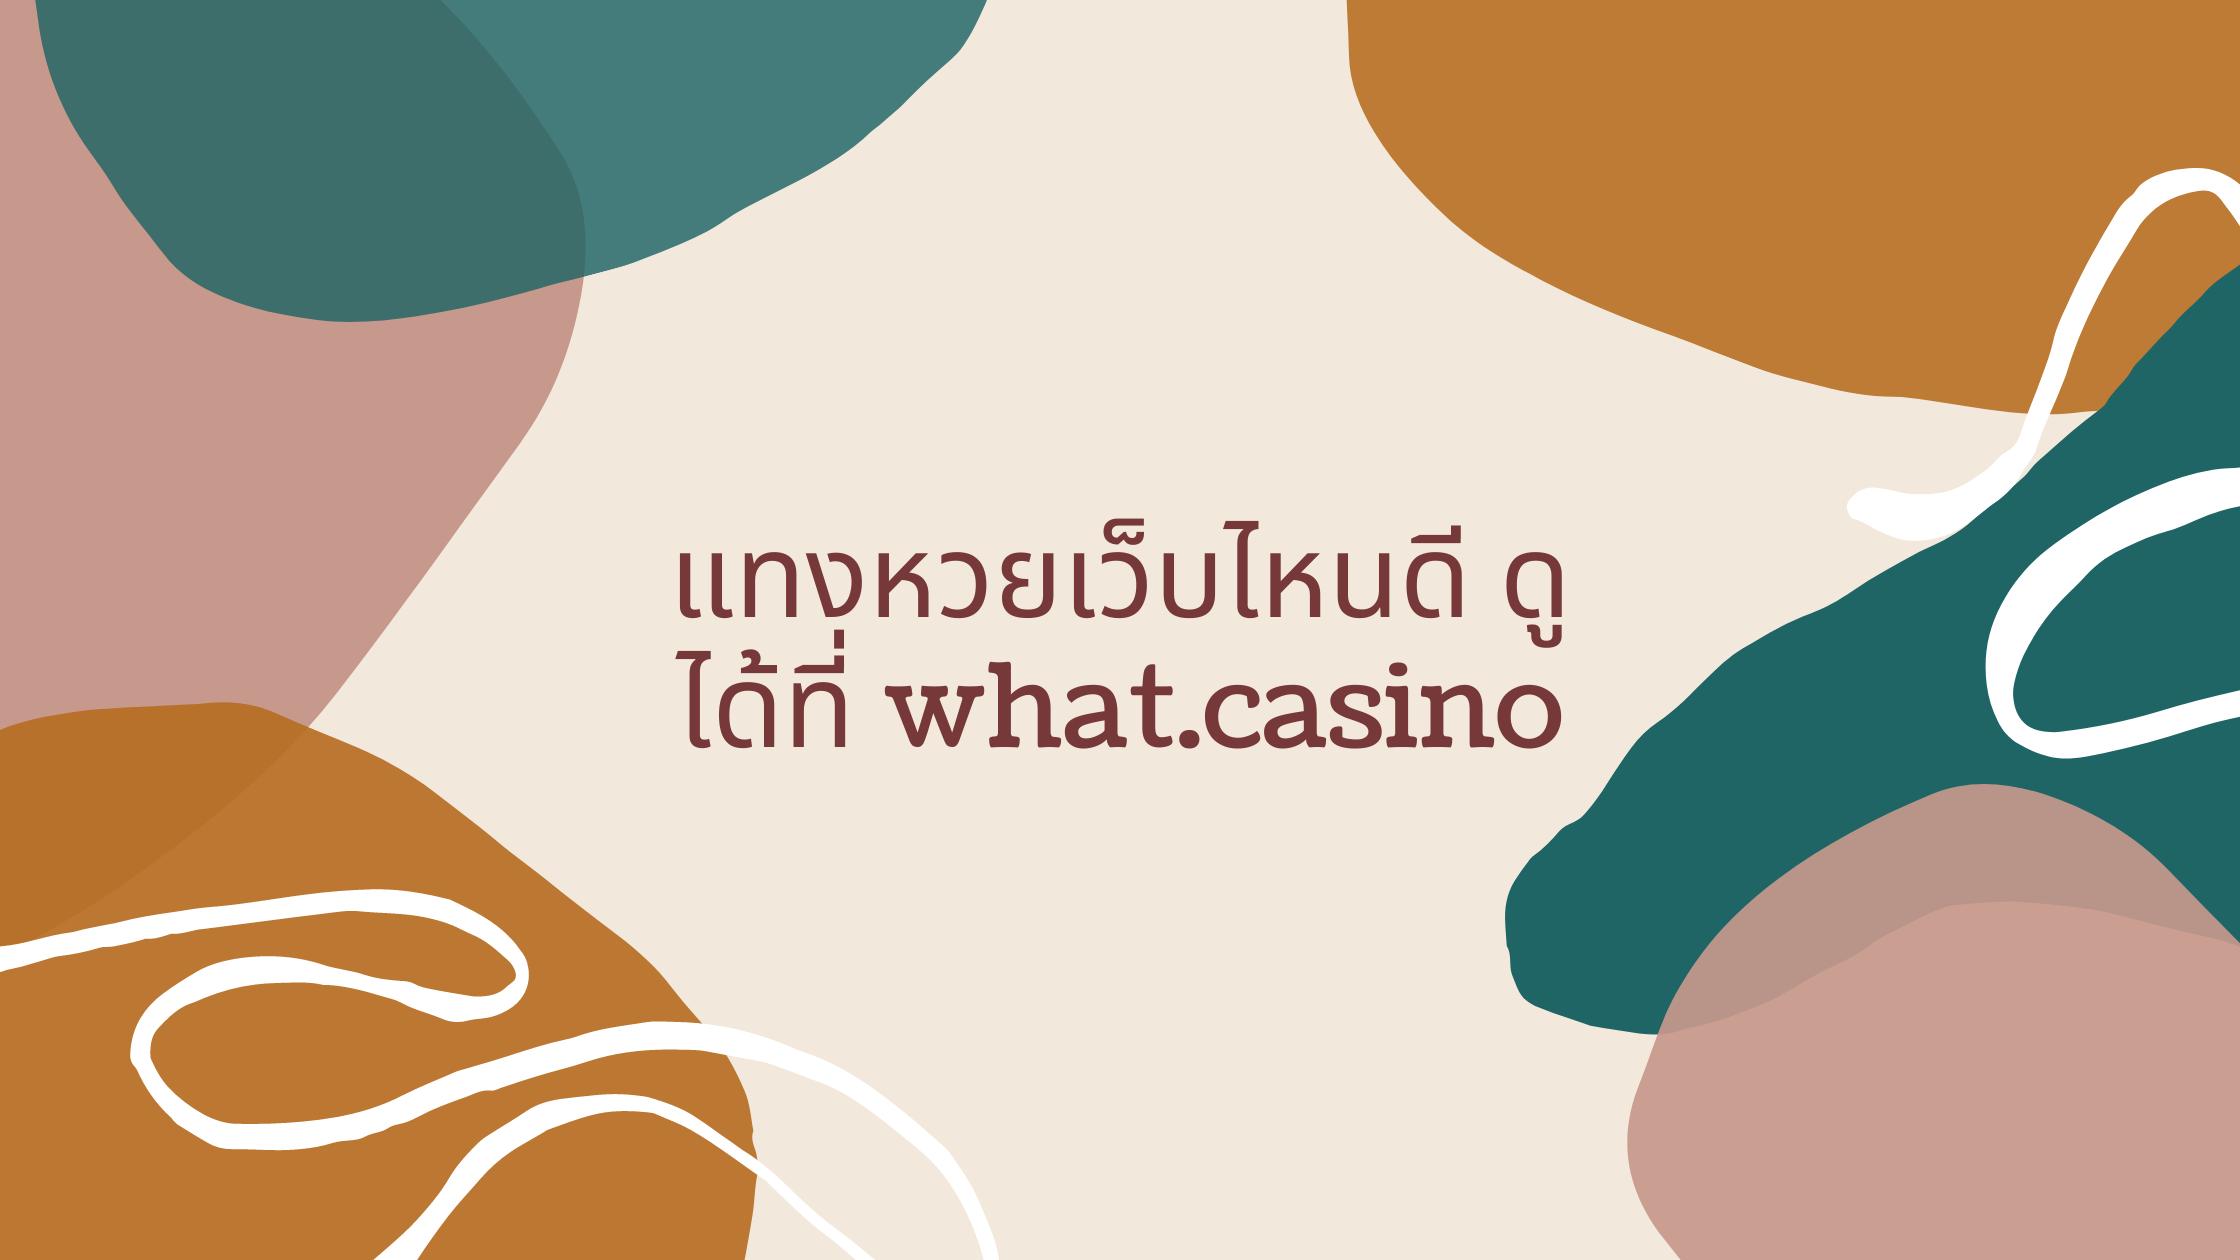 แทงหวยเว็บไหนดี ดูได้ที่ what.casino